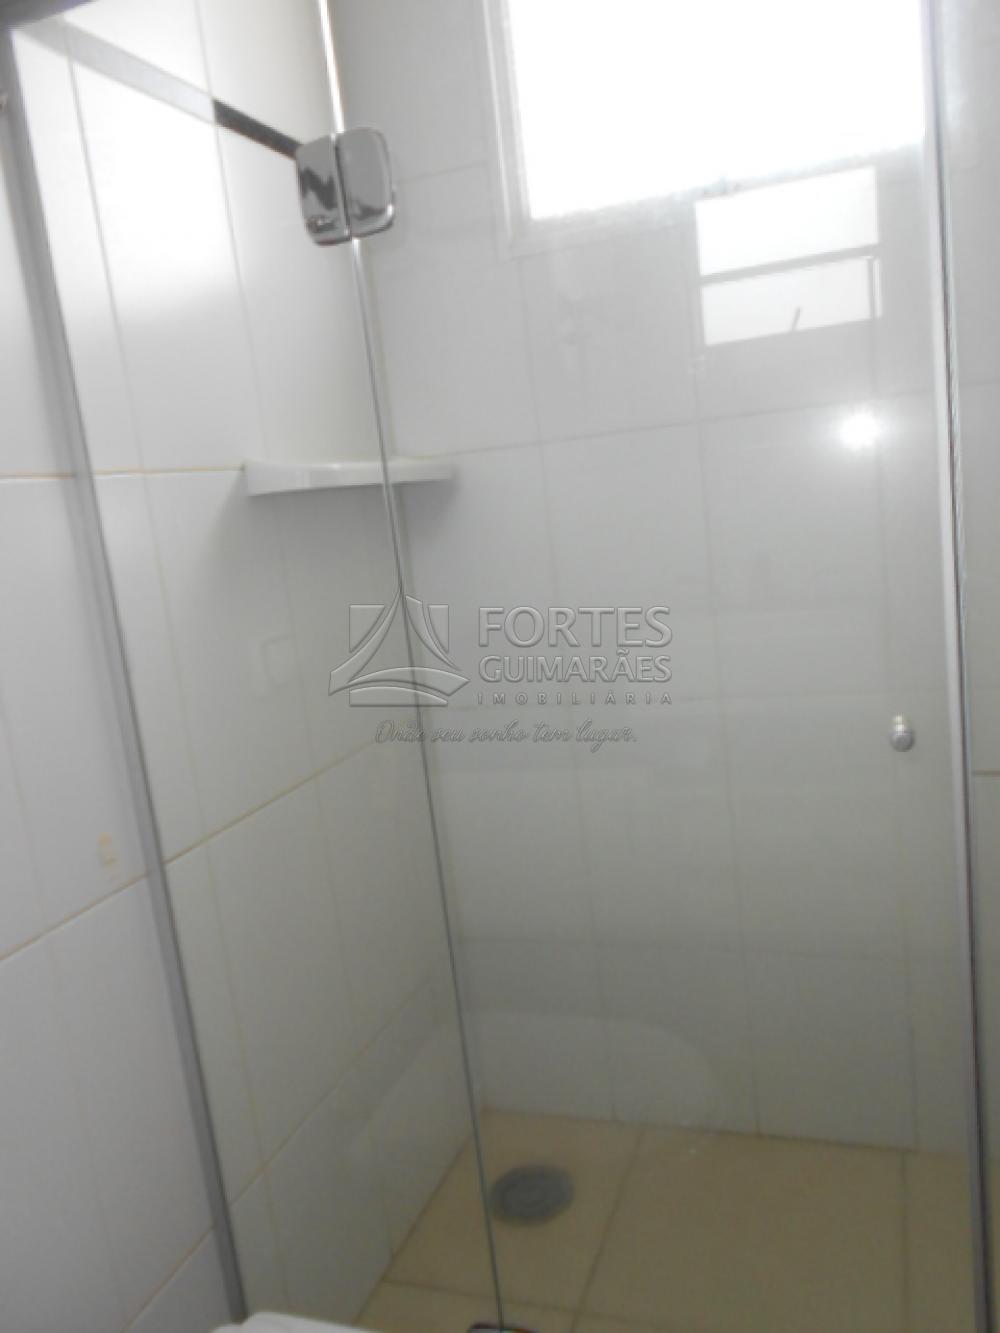 Alugar Casas / Padrão em Ribeirão Preto apenas R$ 3.500,00 - Foto 51